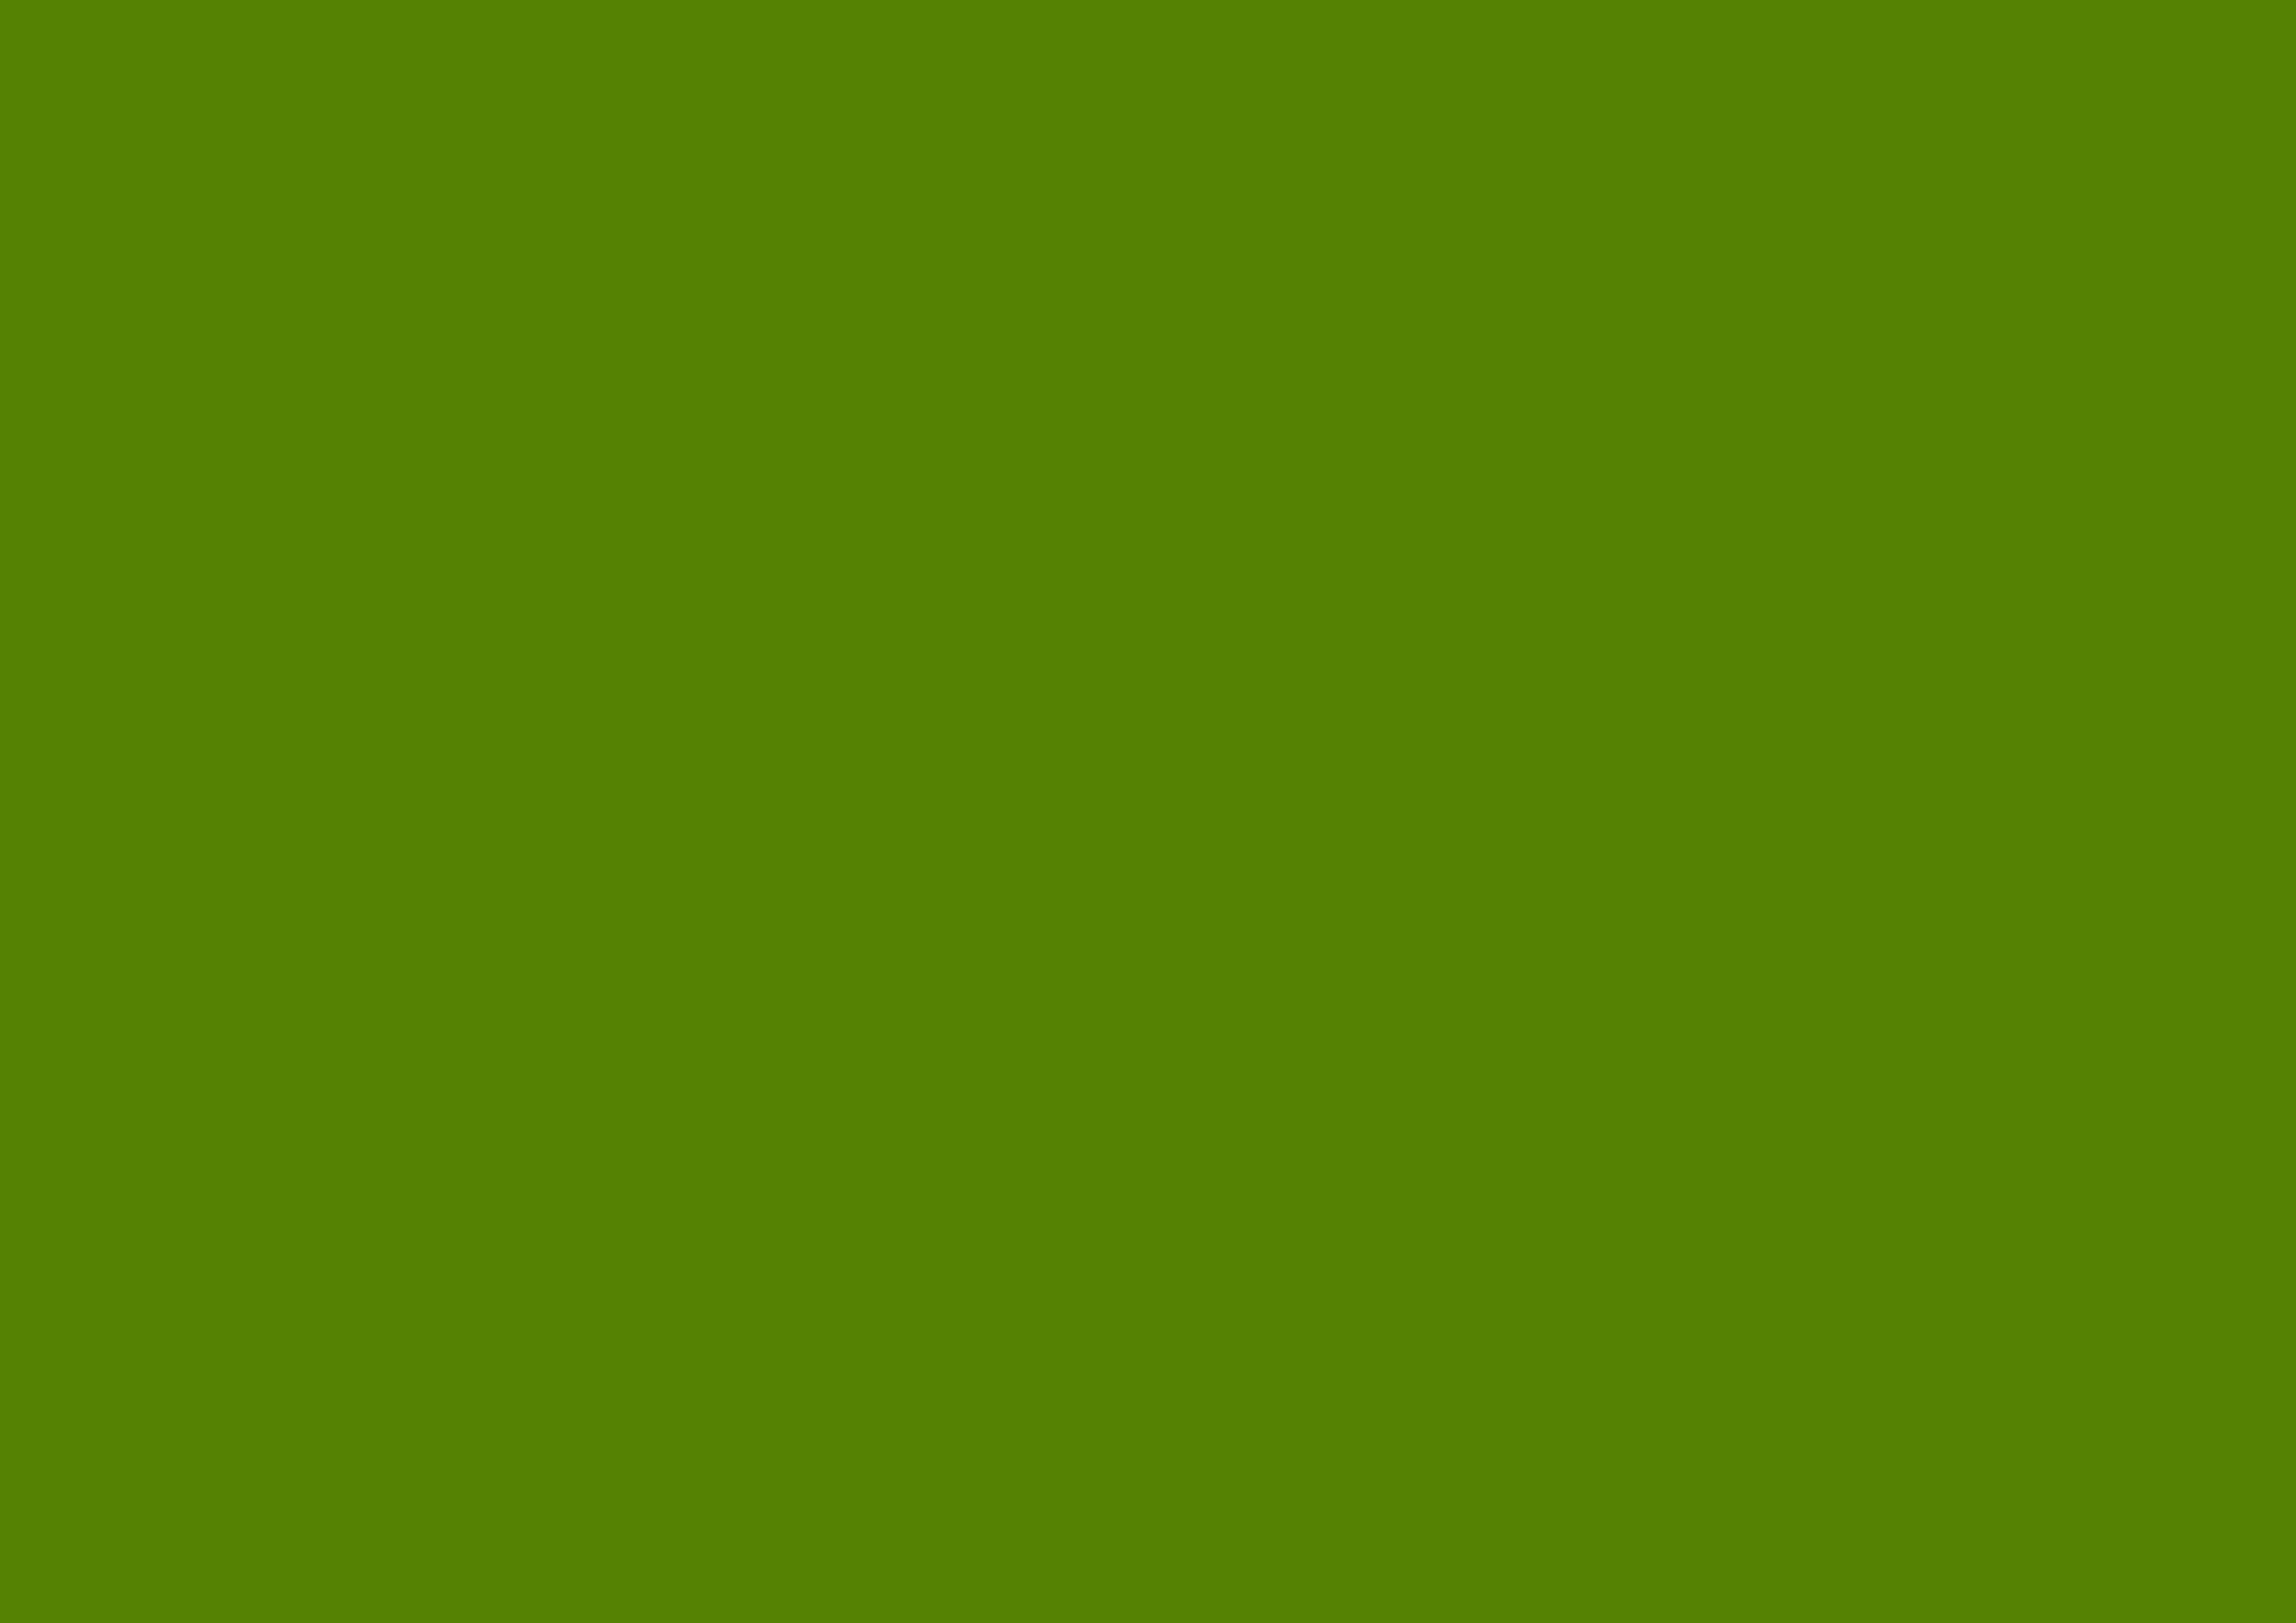 3508x2480 Avocado Solid Color Background